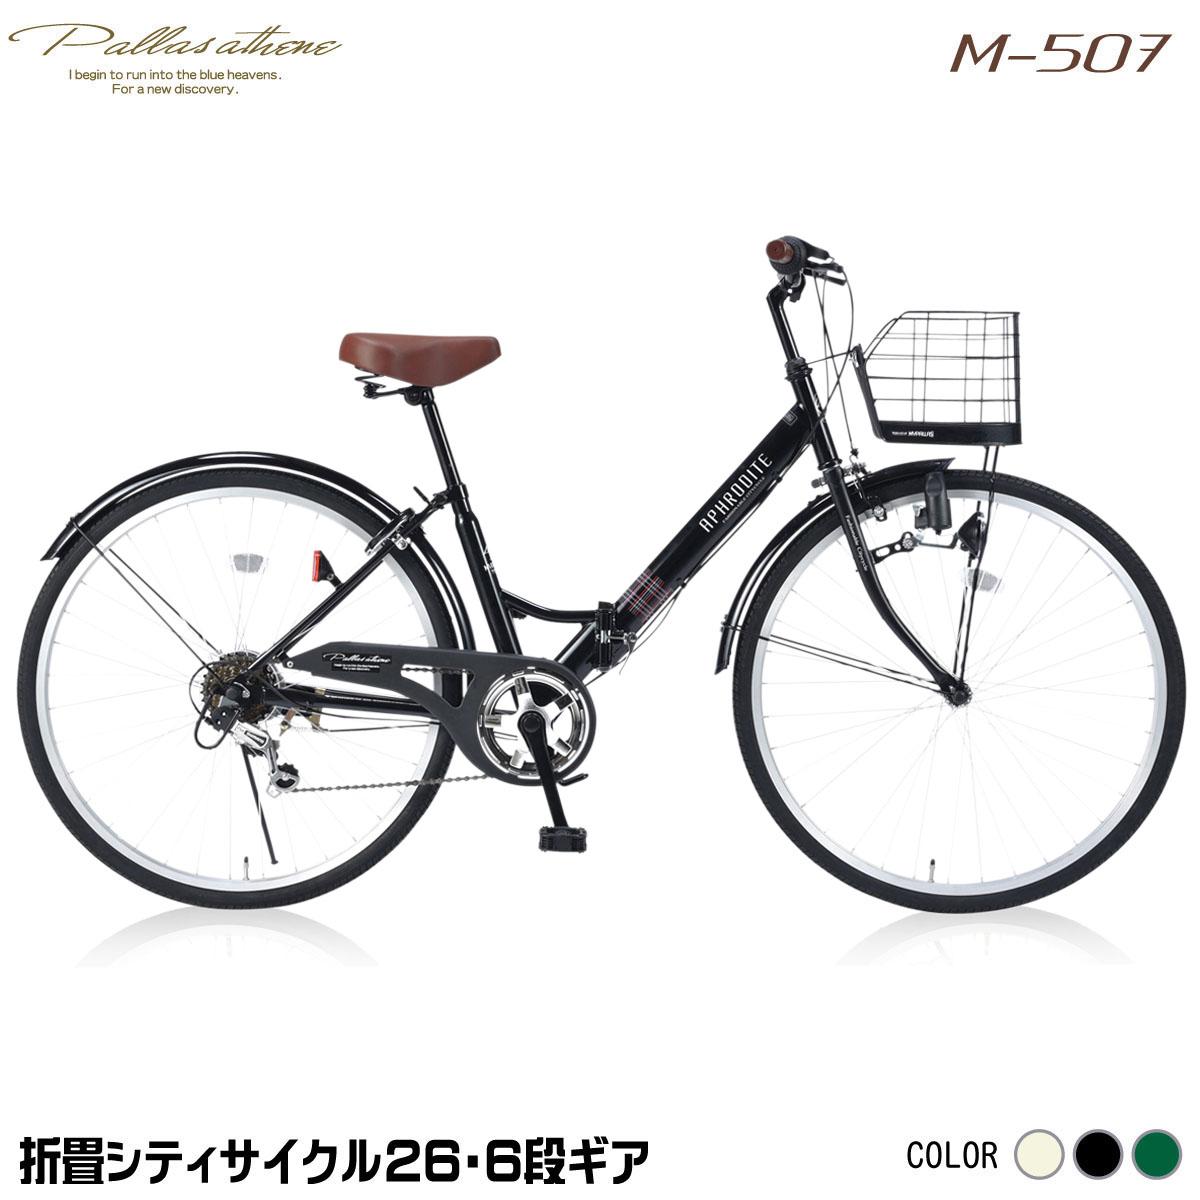 【送料無料】マイパラス M-507-BK ブラック [折りたたみシティ自転車(26インチ・6段変速)]【同梱配送不可】【代引き不可】【本州以外配送不可】